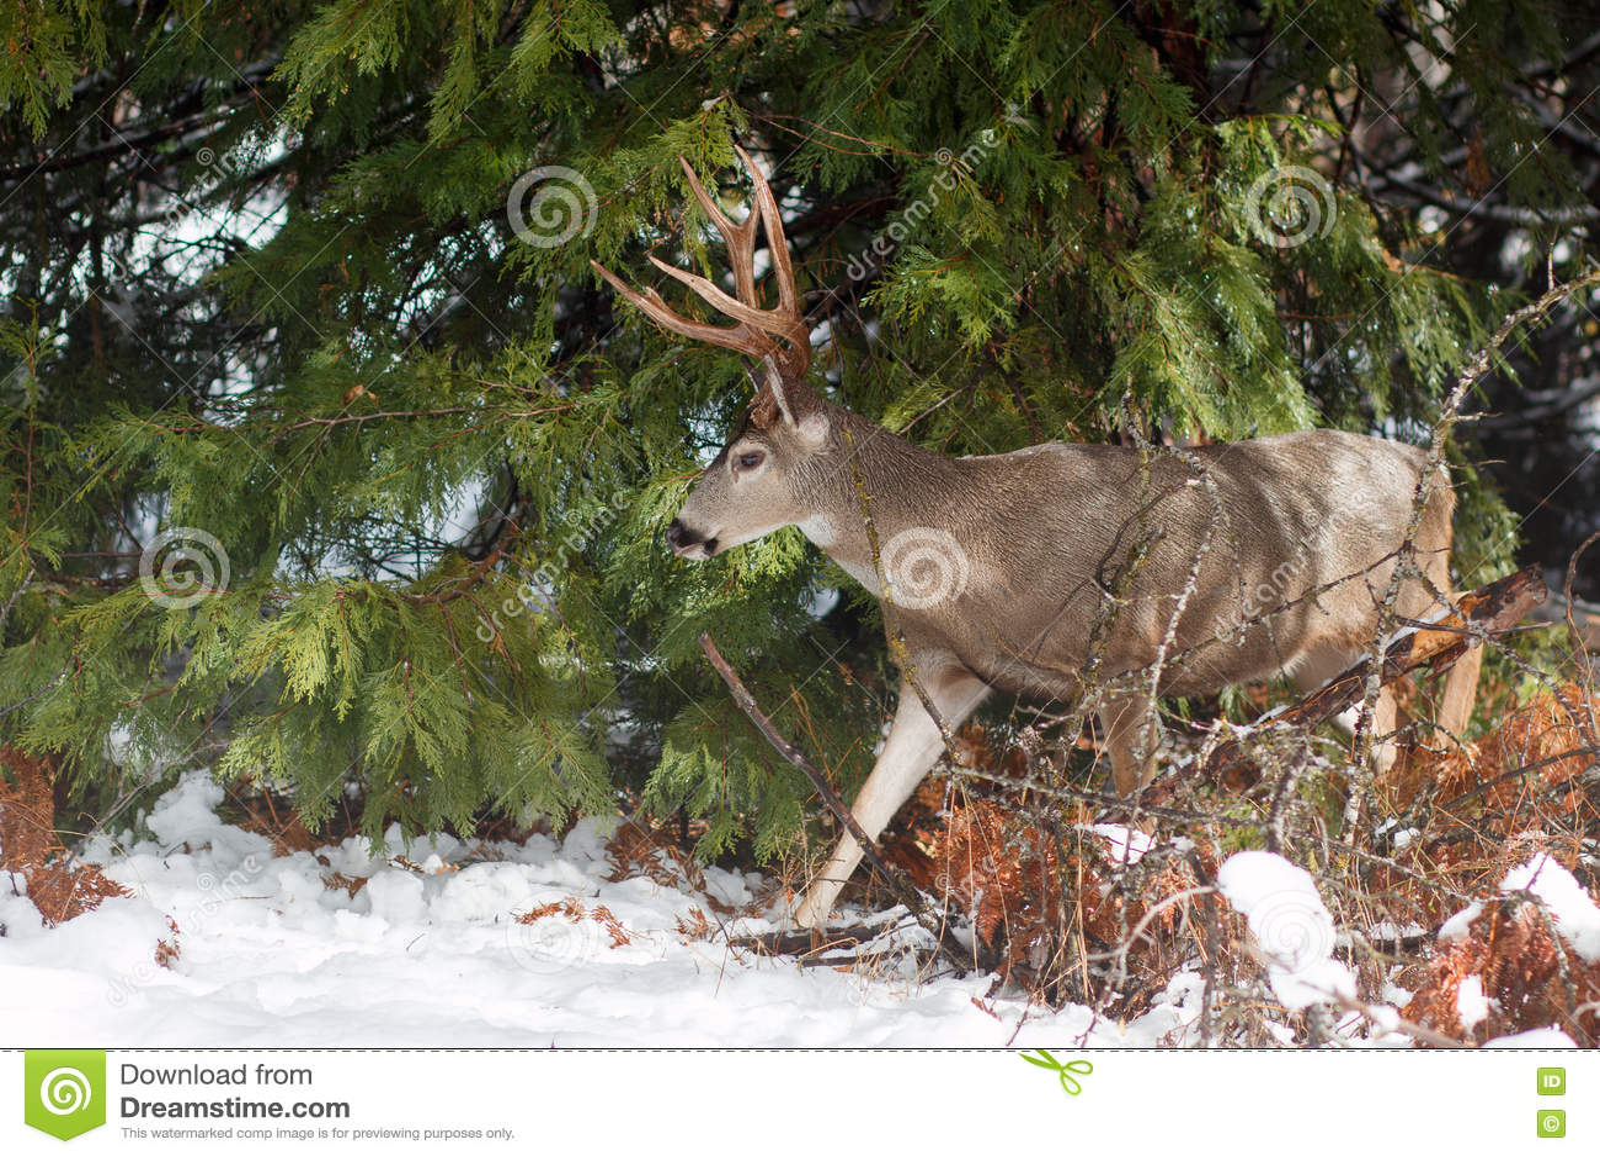 Mule deer buck with large antlers in snow